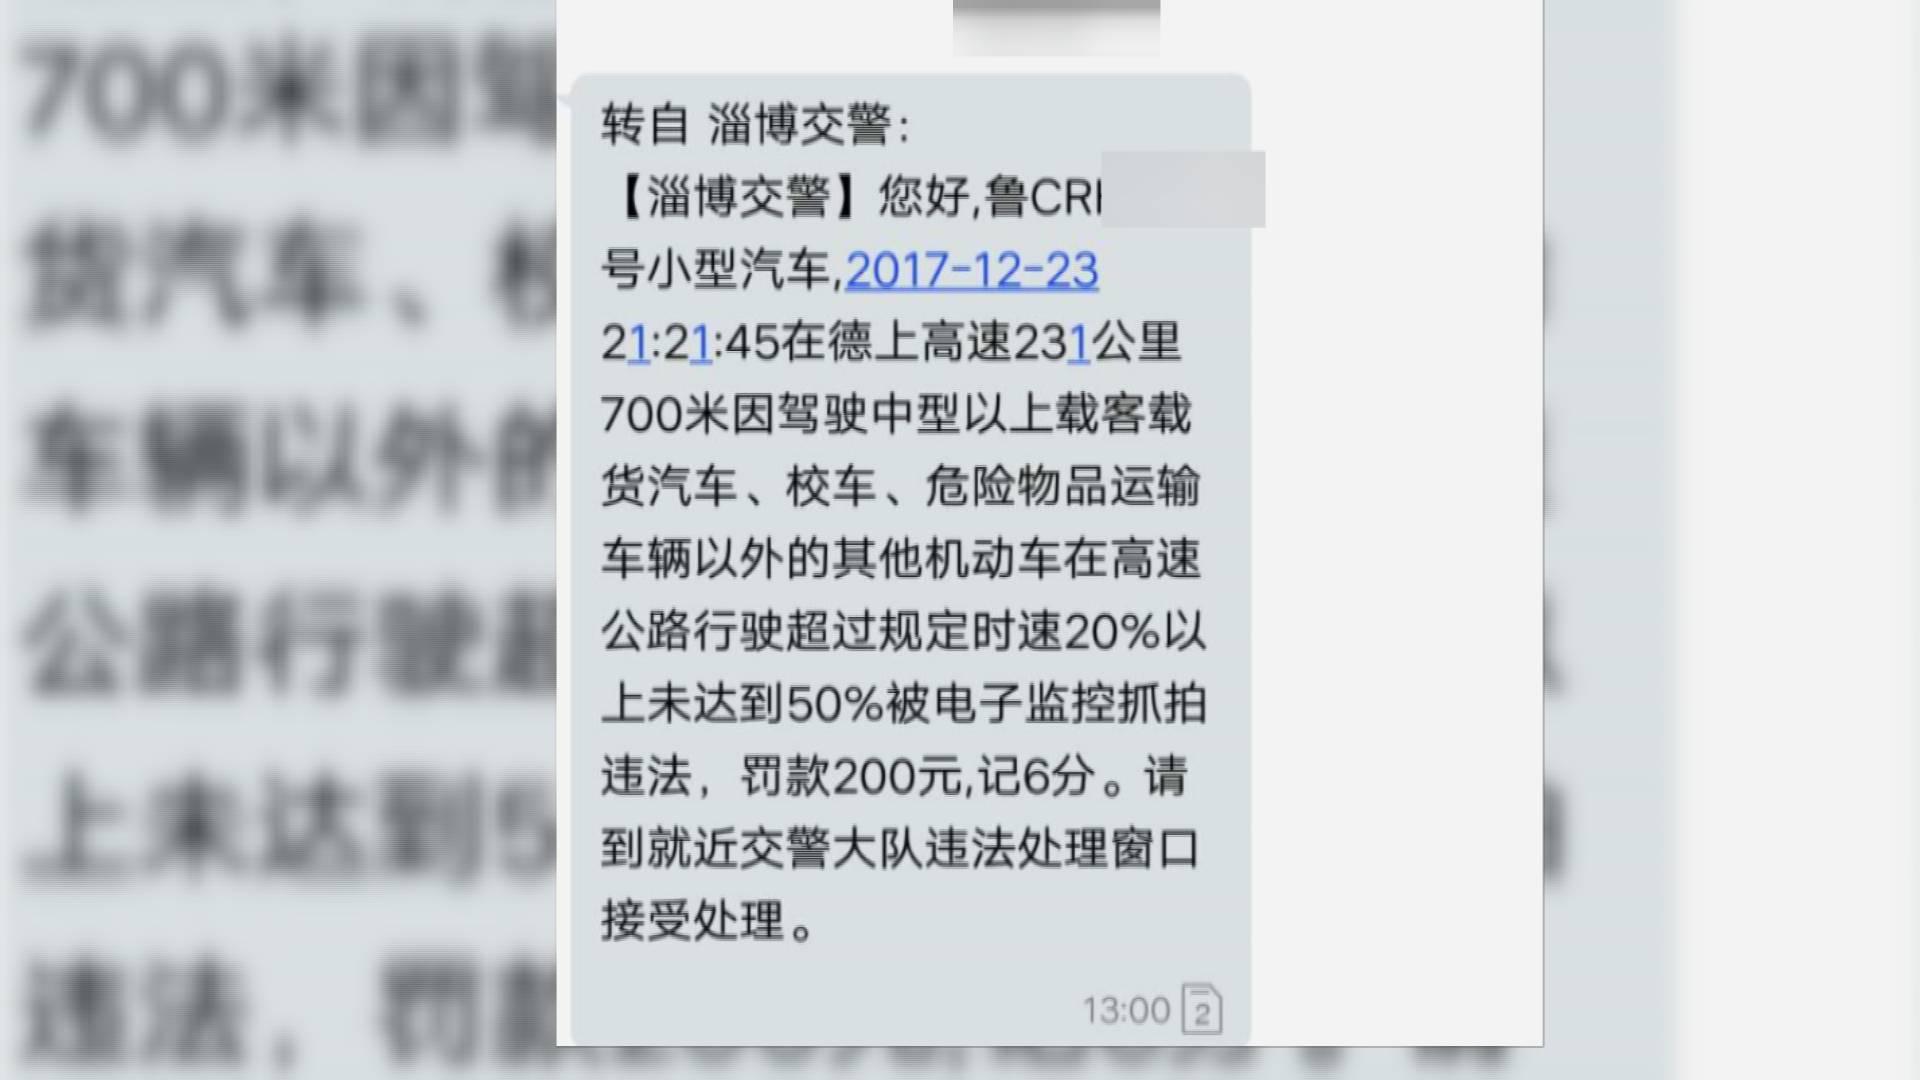 淄博:只因车牌一字之差  桓台车主名下出现莫名交通违法行为